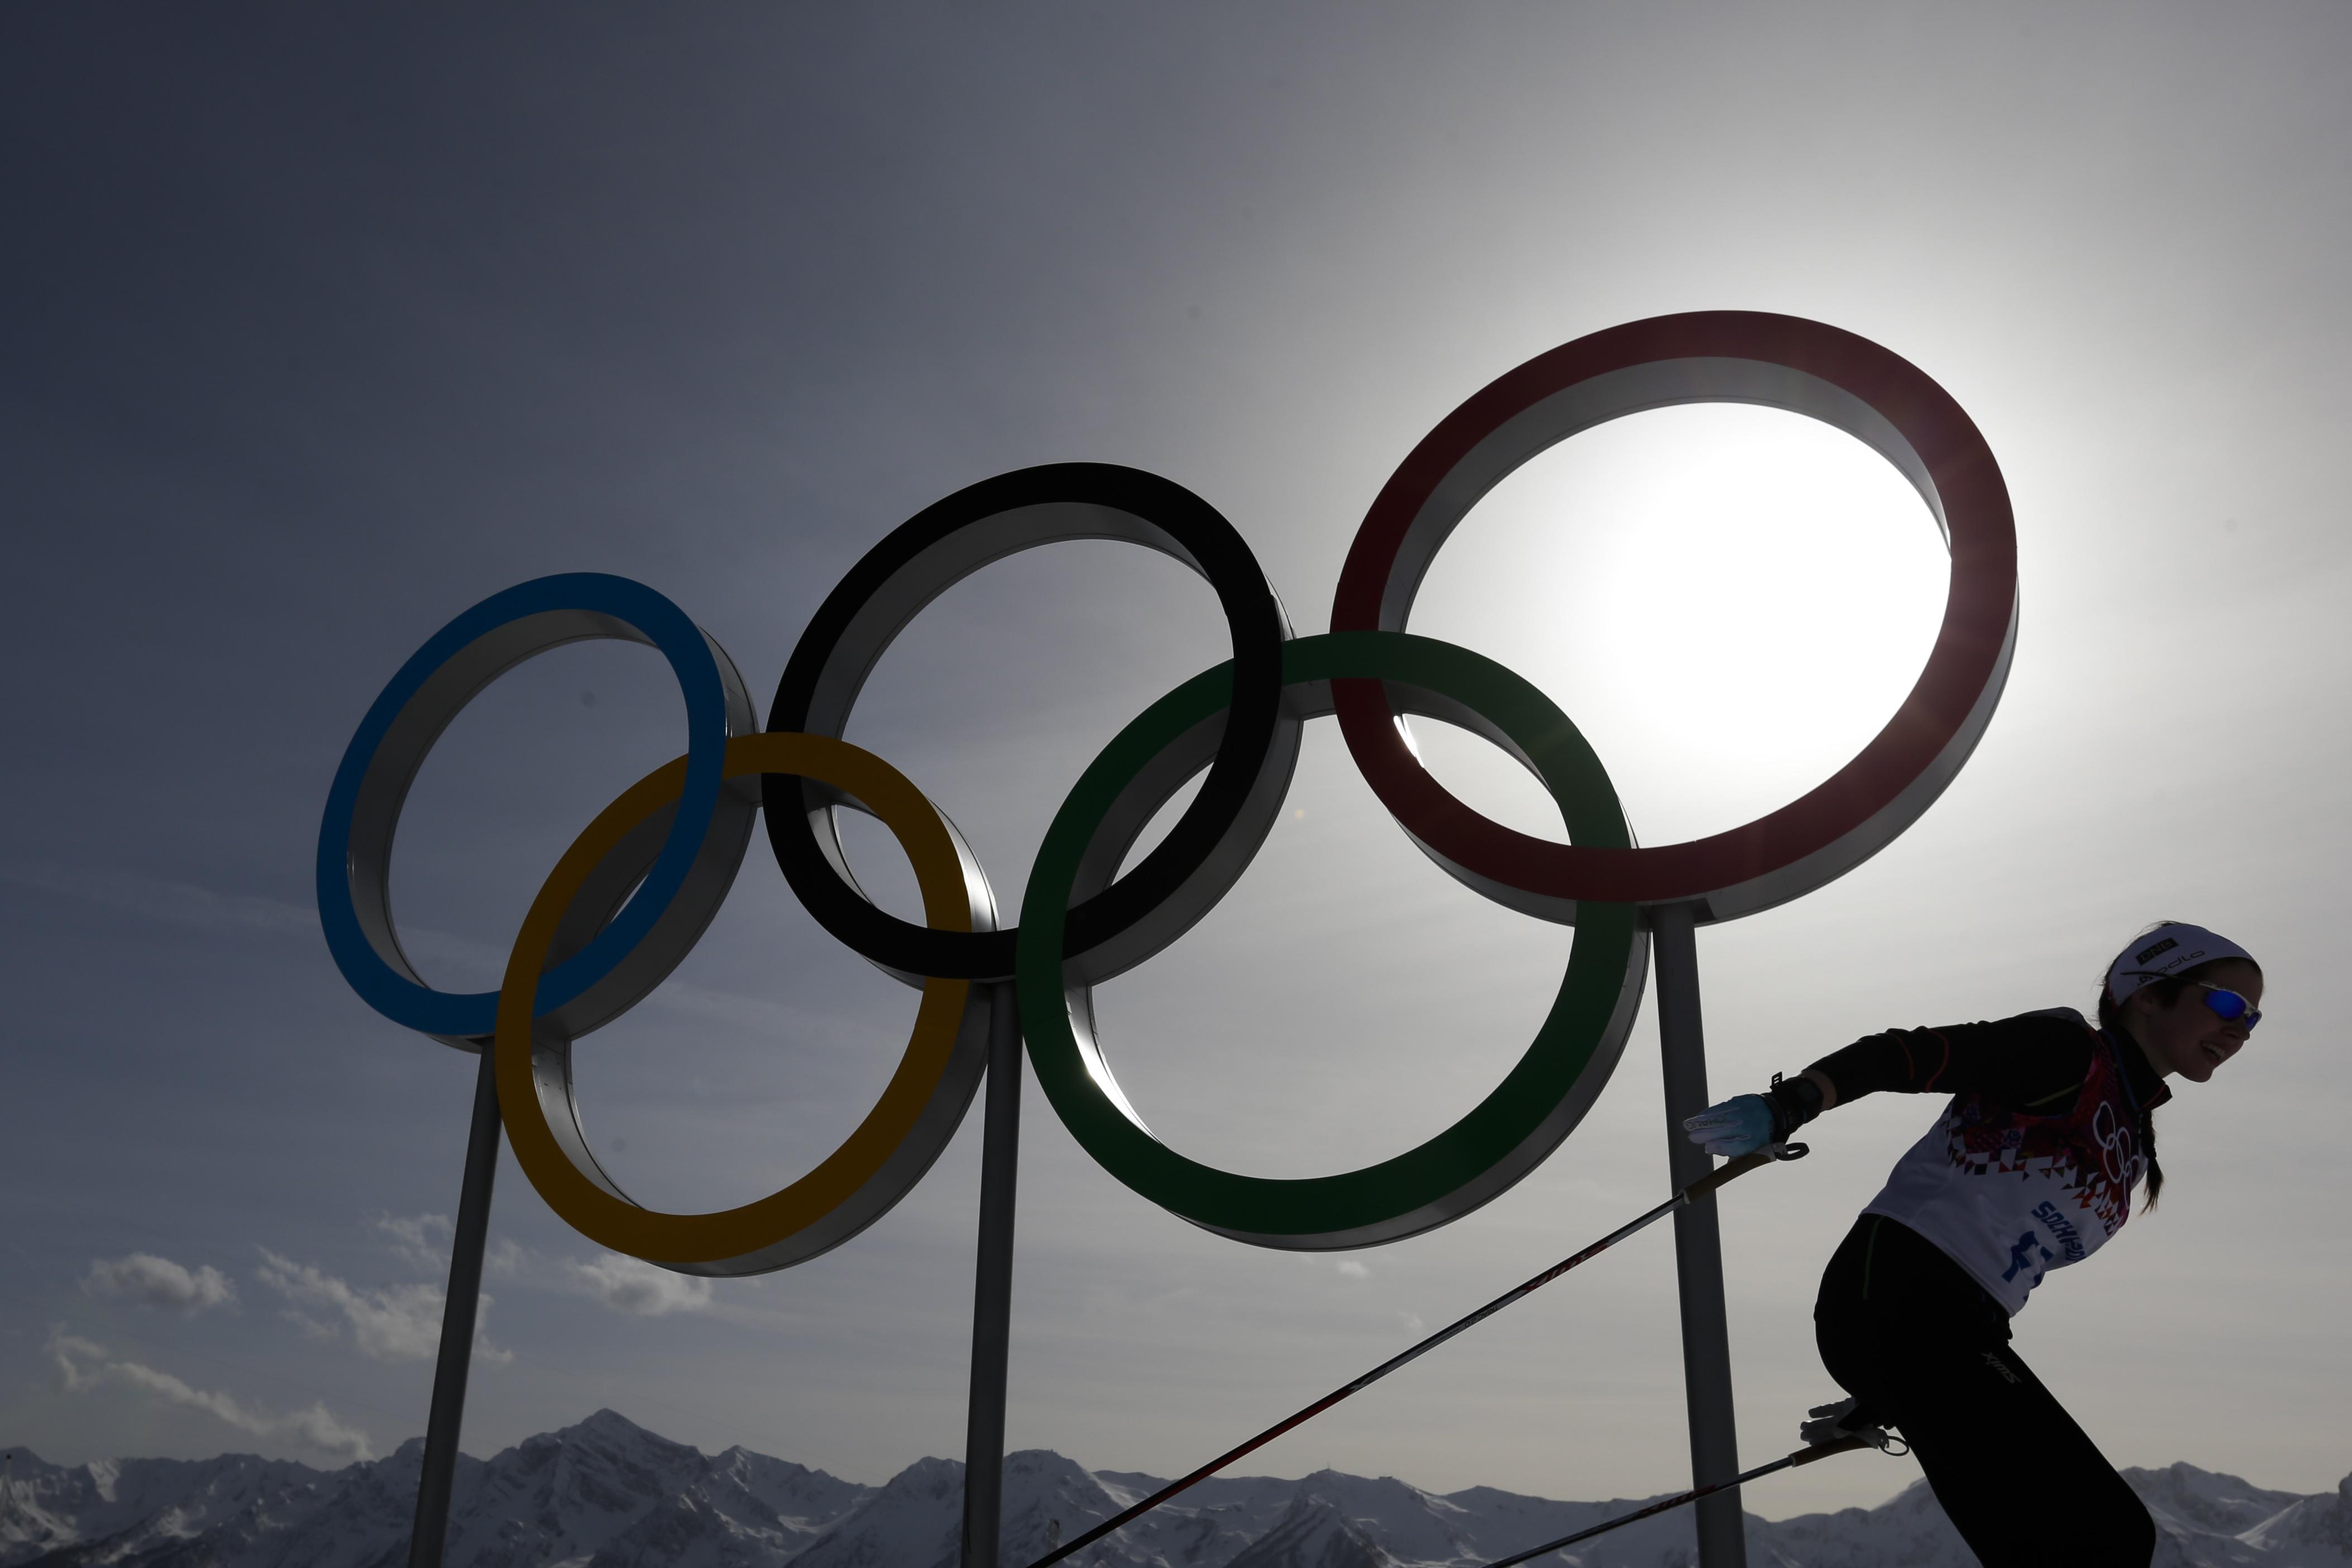 Олимпиада в Сочи выходит на финишную прямую